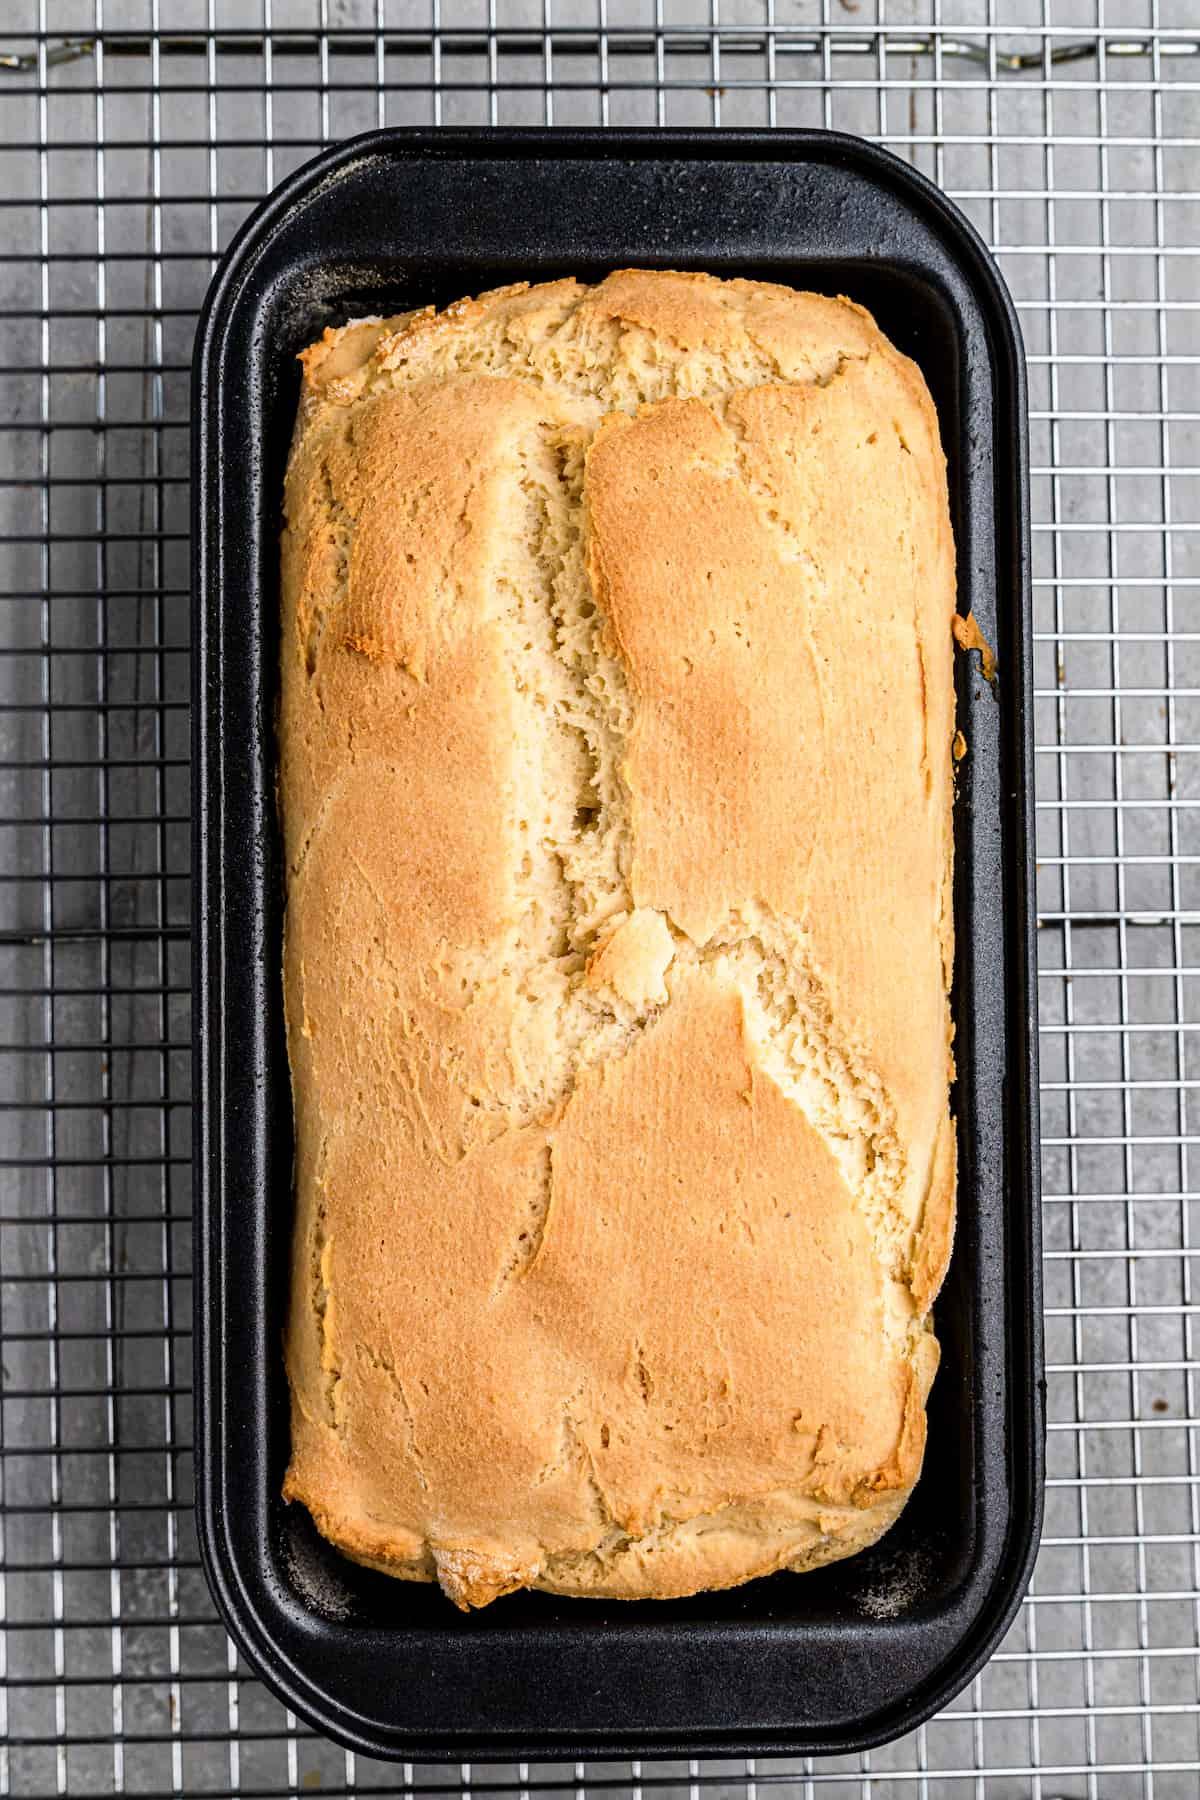 baked gluten-free sandwich bread in a loaf pan on a wire rack